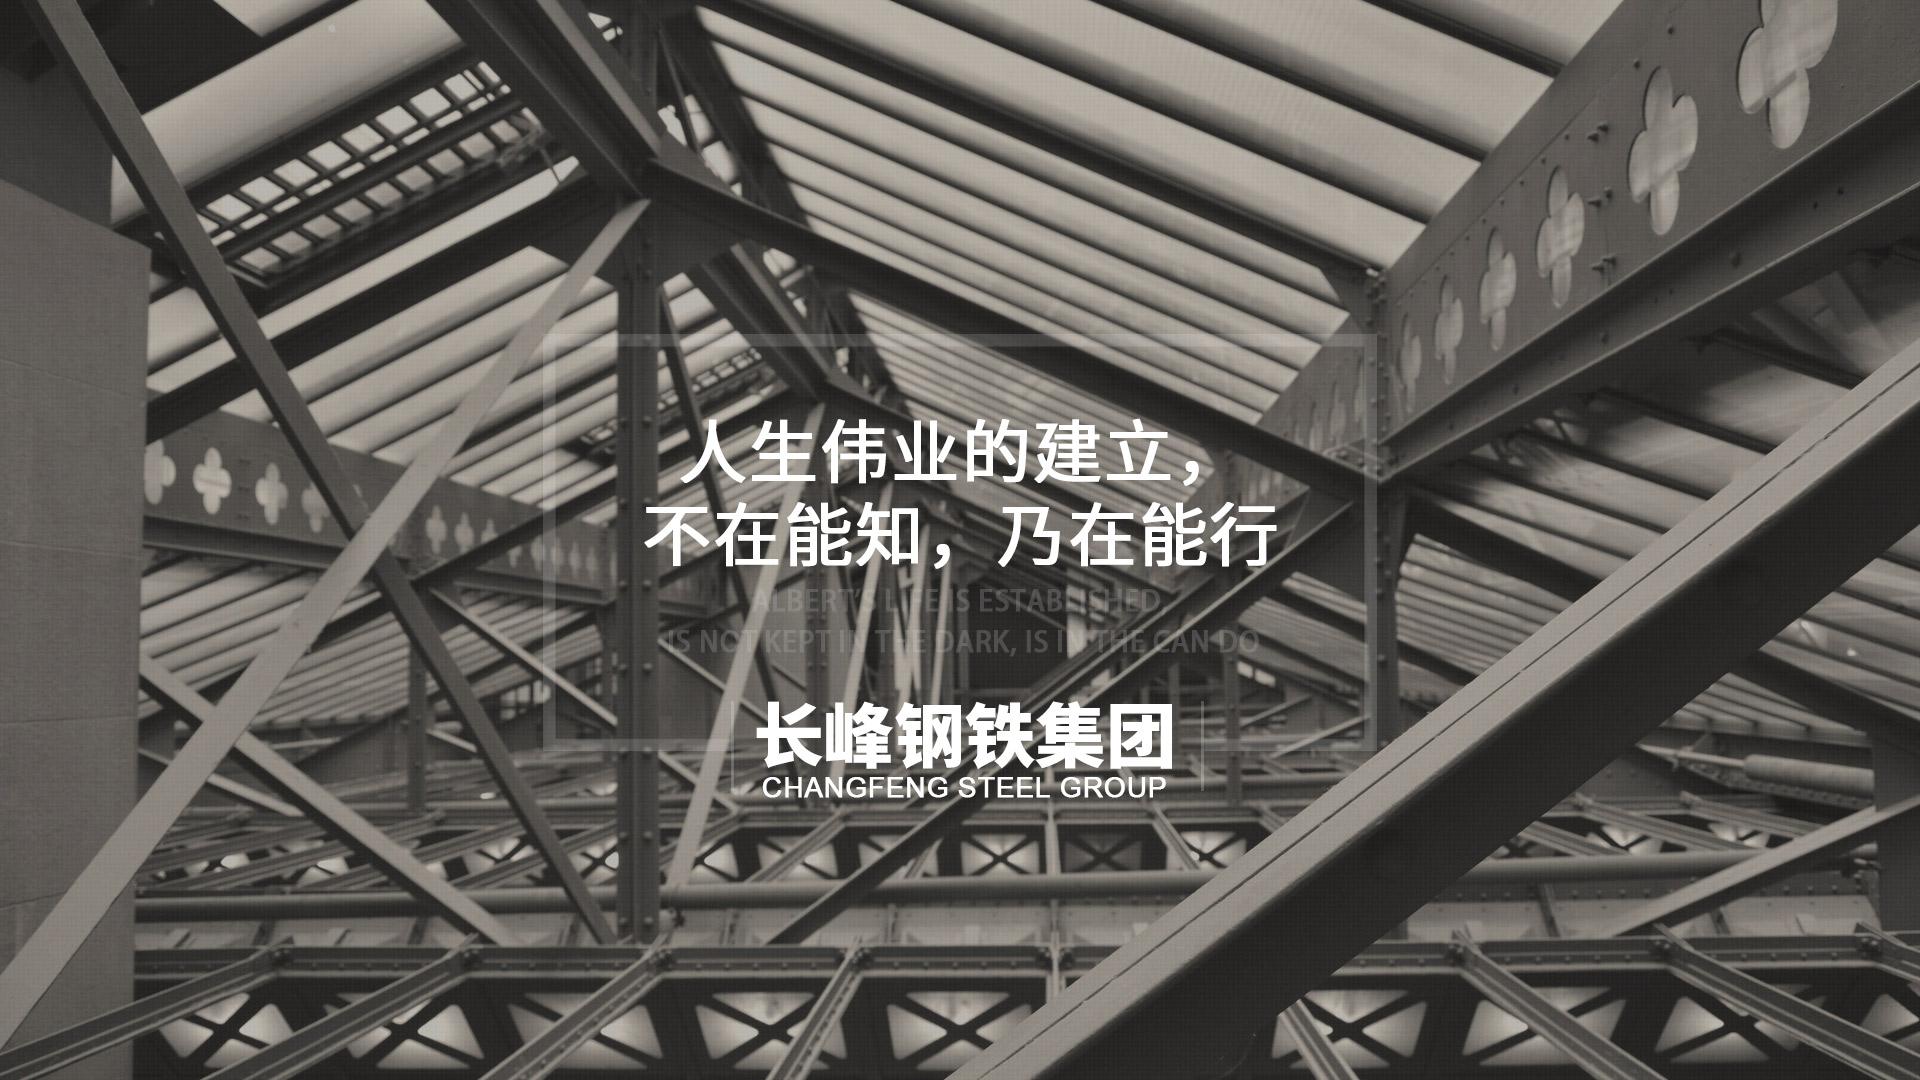 人生偉業的建立,不在能知,乃在能行